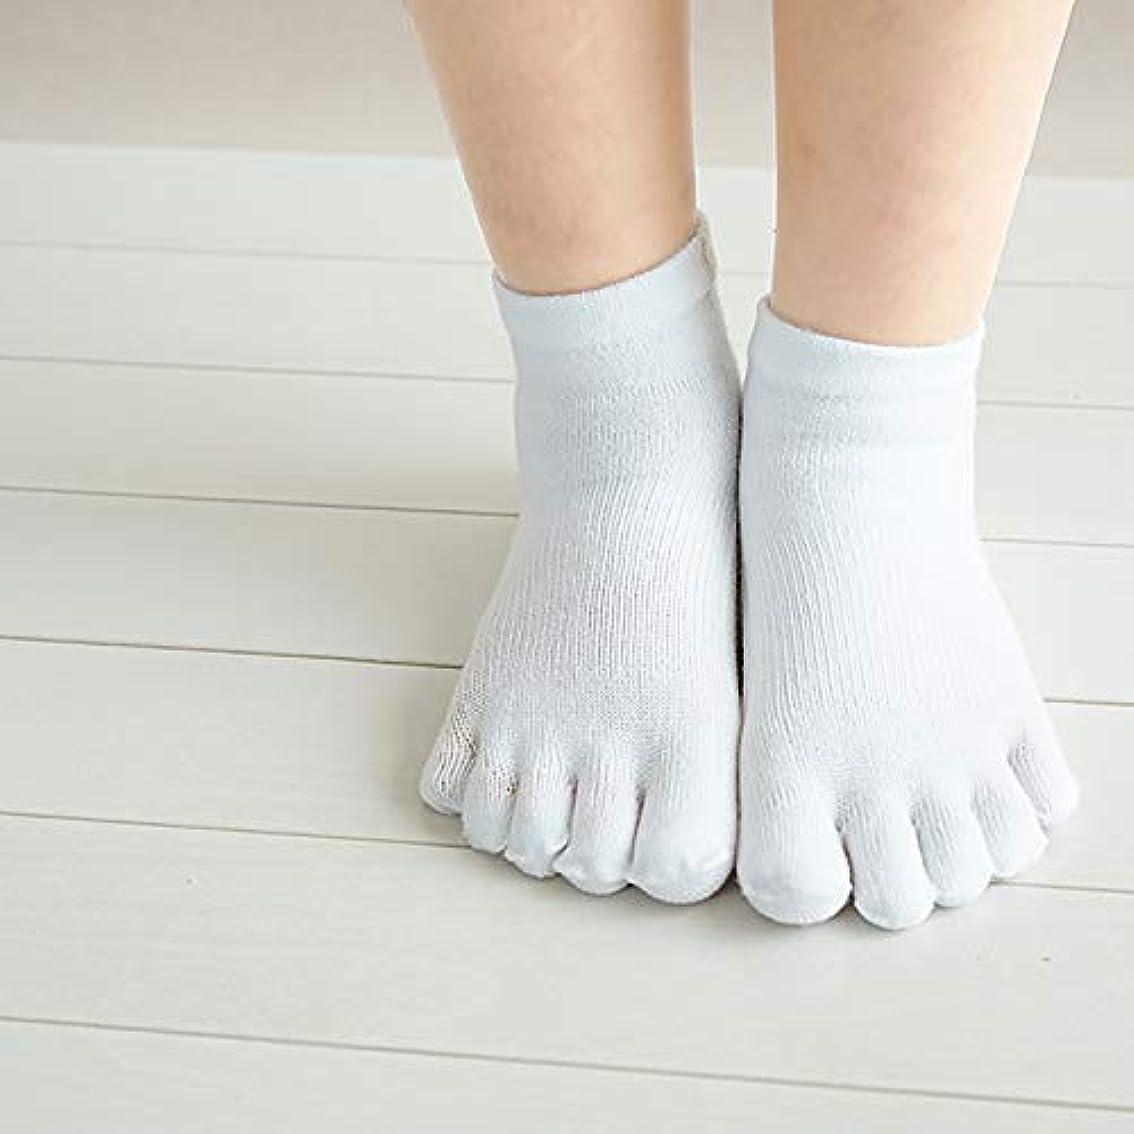 かんたん地理産地ゆびのばソックス Neo アズキッズ ホワイト 幼児用靴下 5本指ソックス